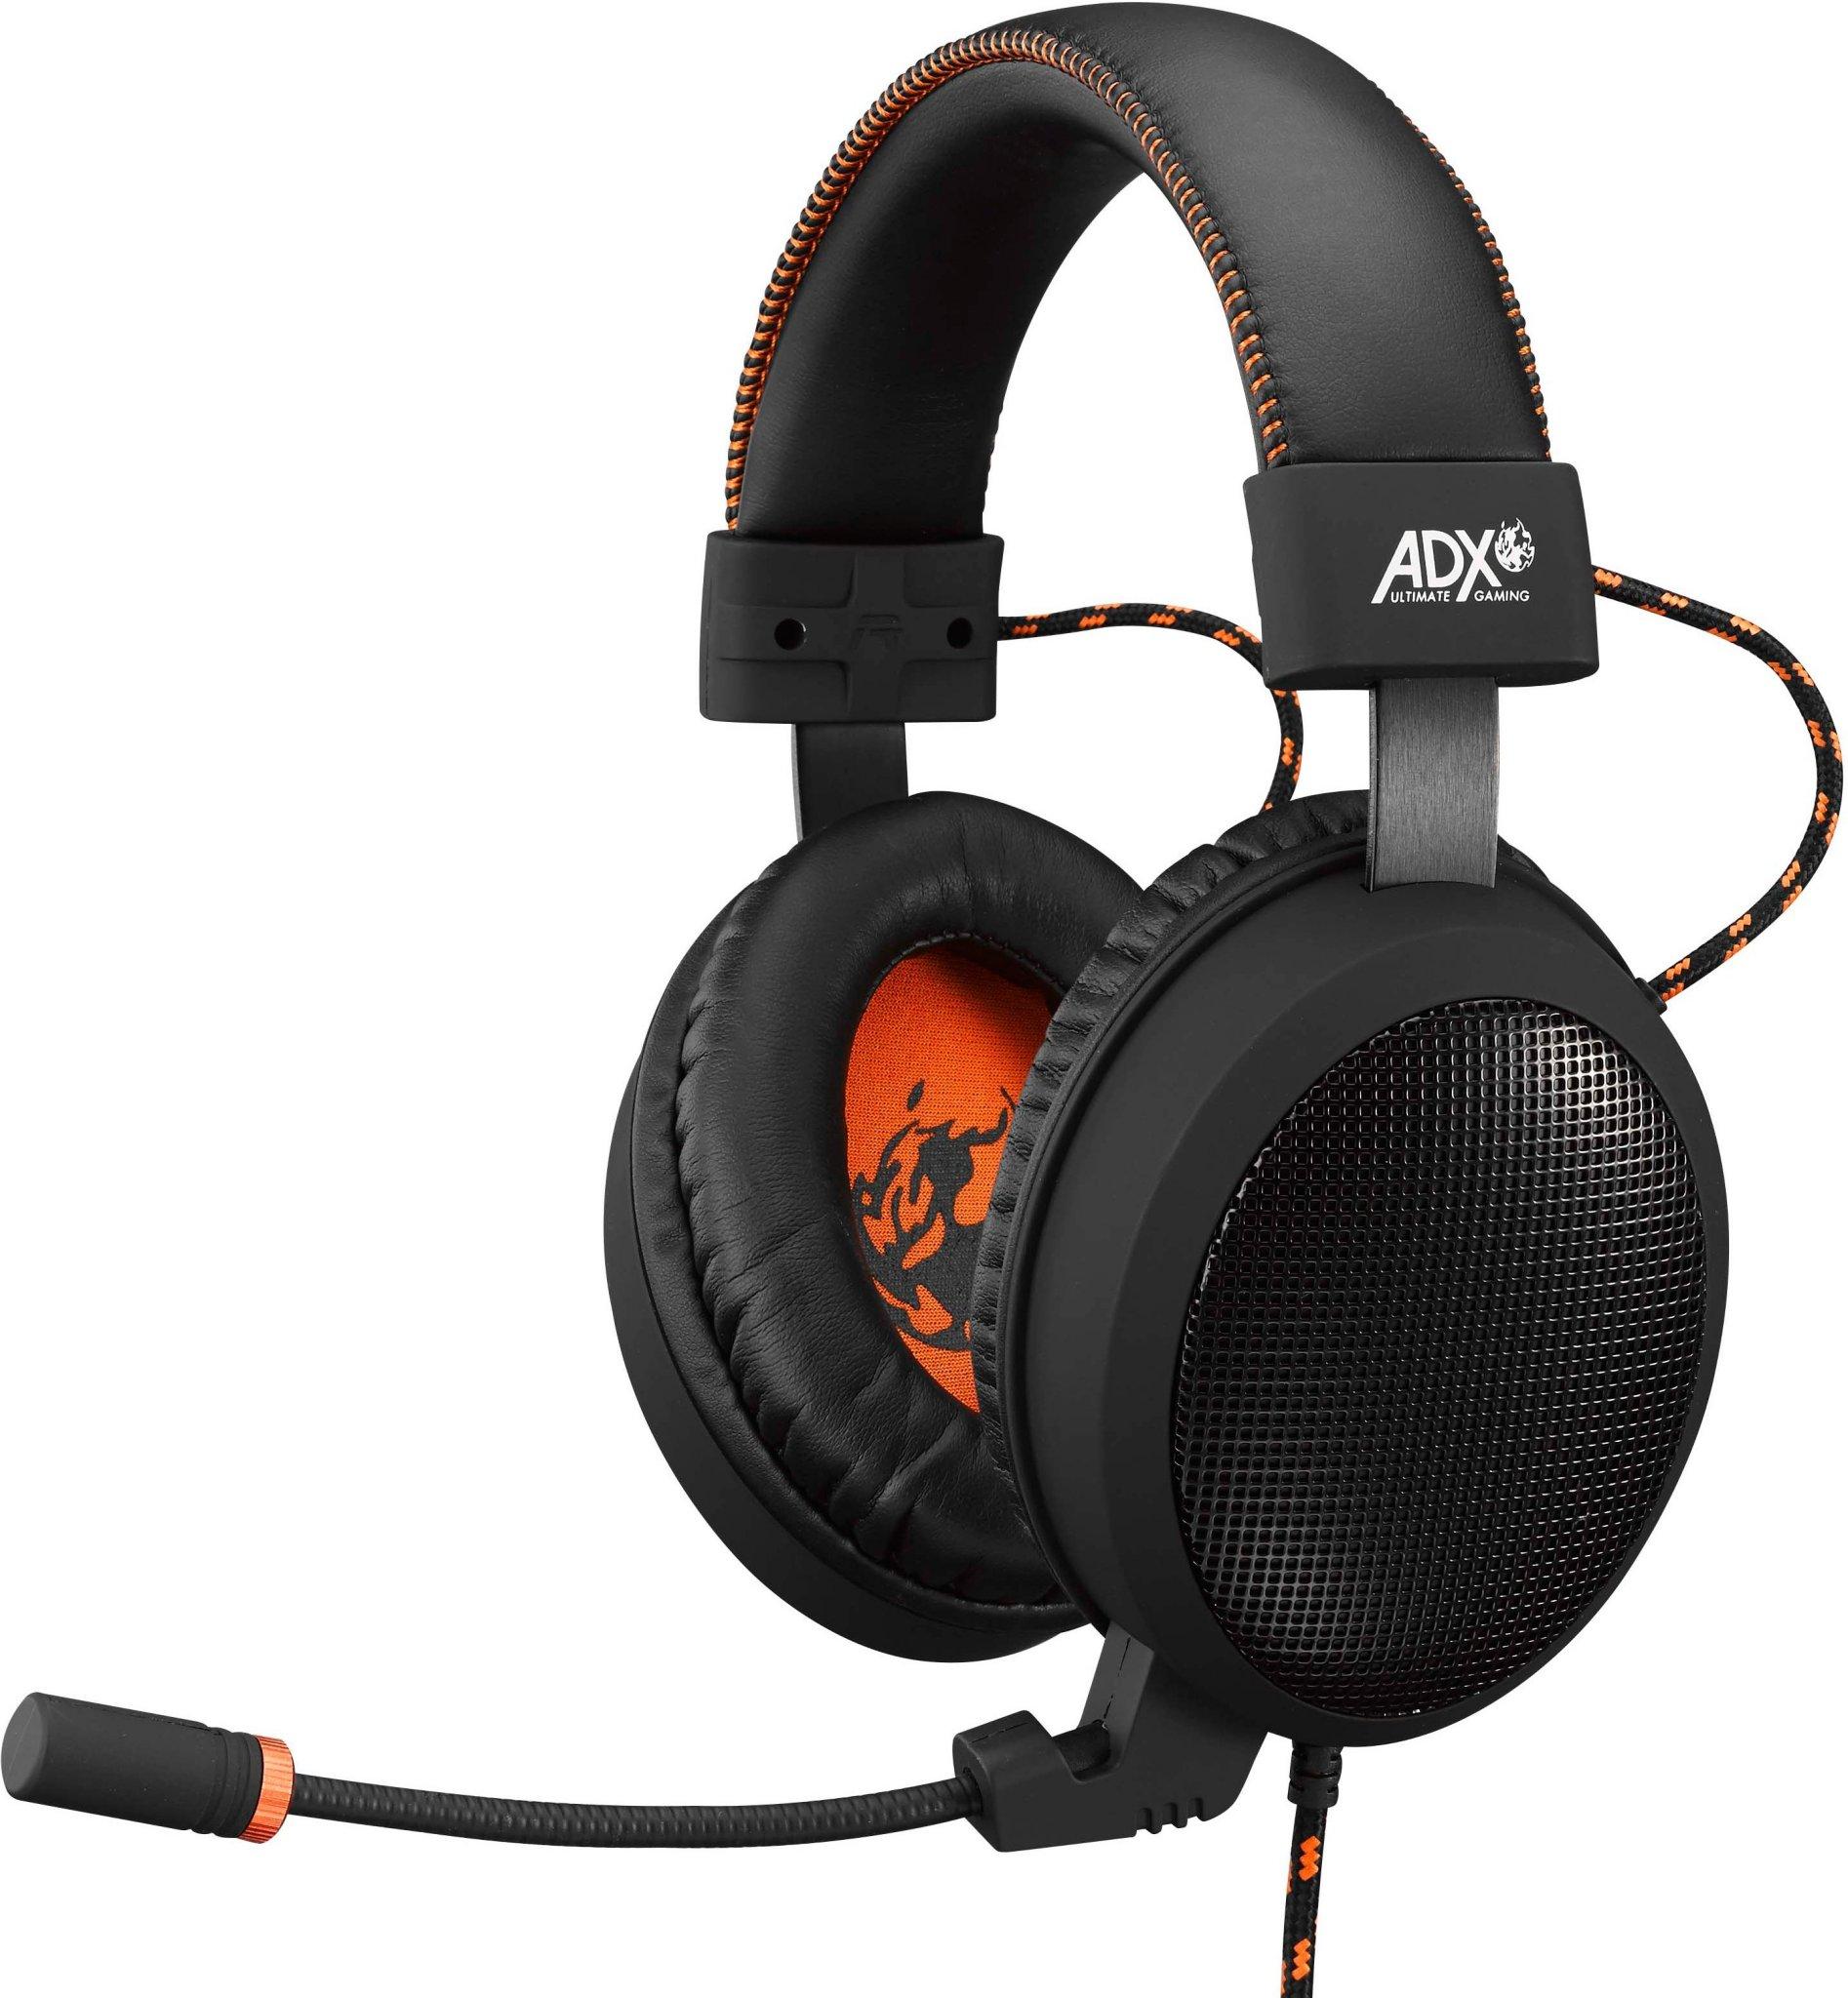 Best pris på ADX Firestorm H06 Se priser før kjøp i Prisguiden